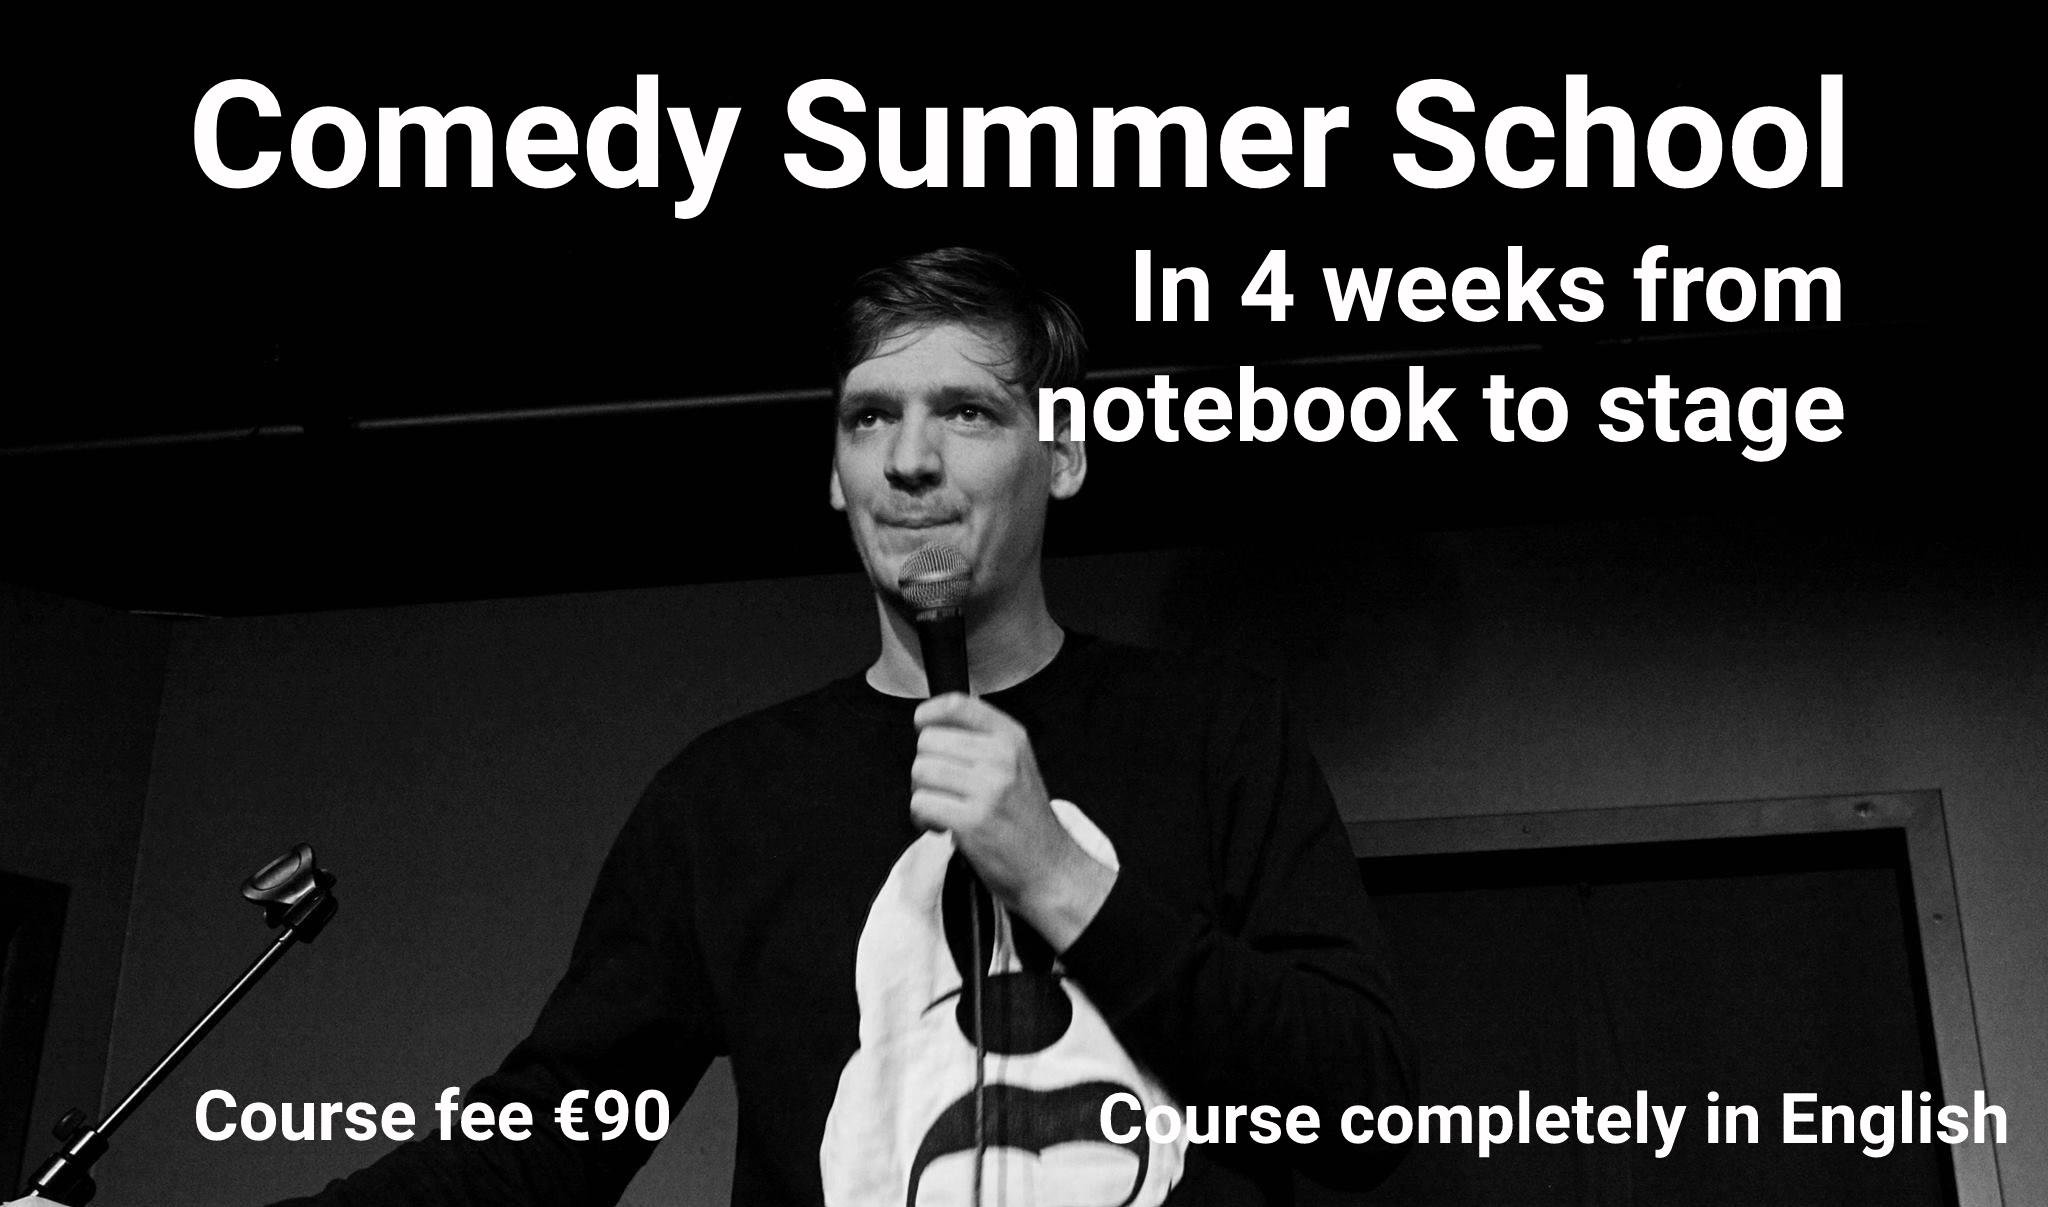 Ticket kopen voor evenement Comedy Summer School